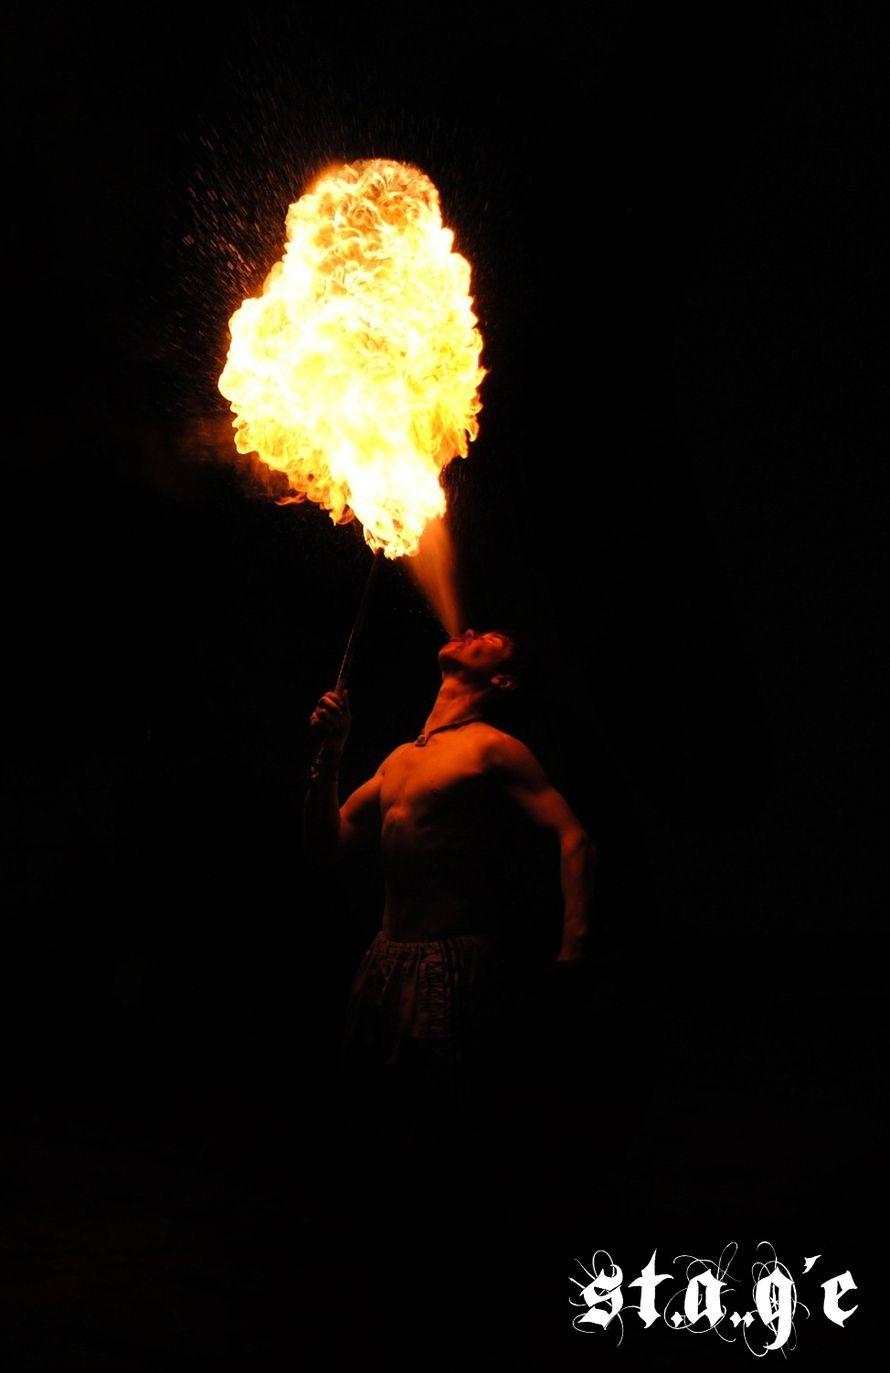 Фото 623327 в коллекции Мои фотографии - Огненно-пиротехническое и световое шоу St.A.G'e